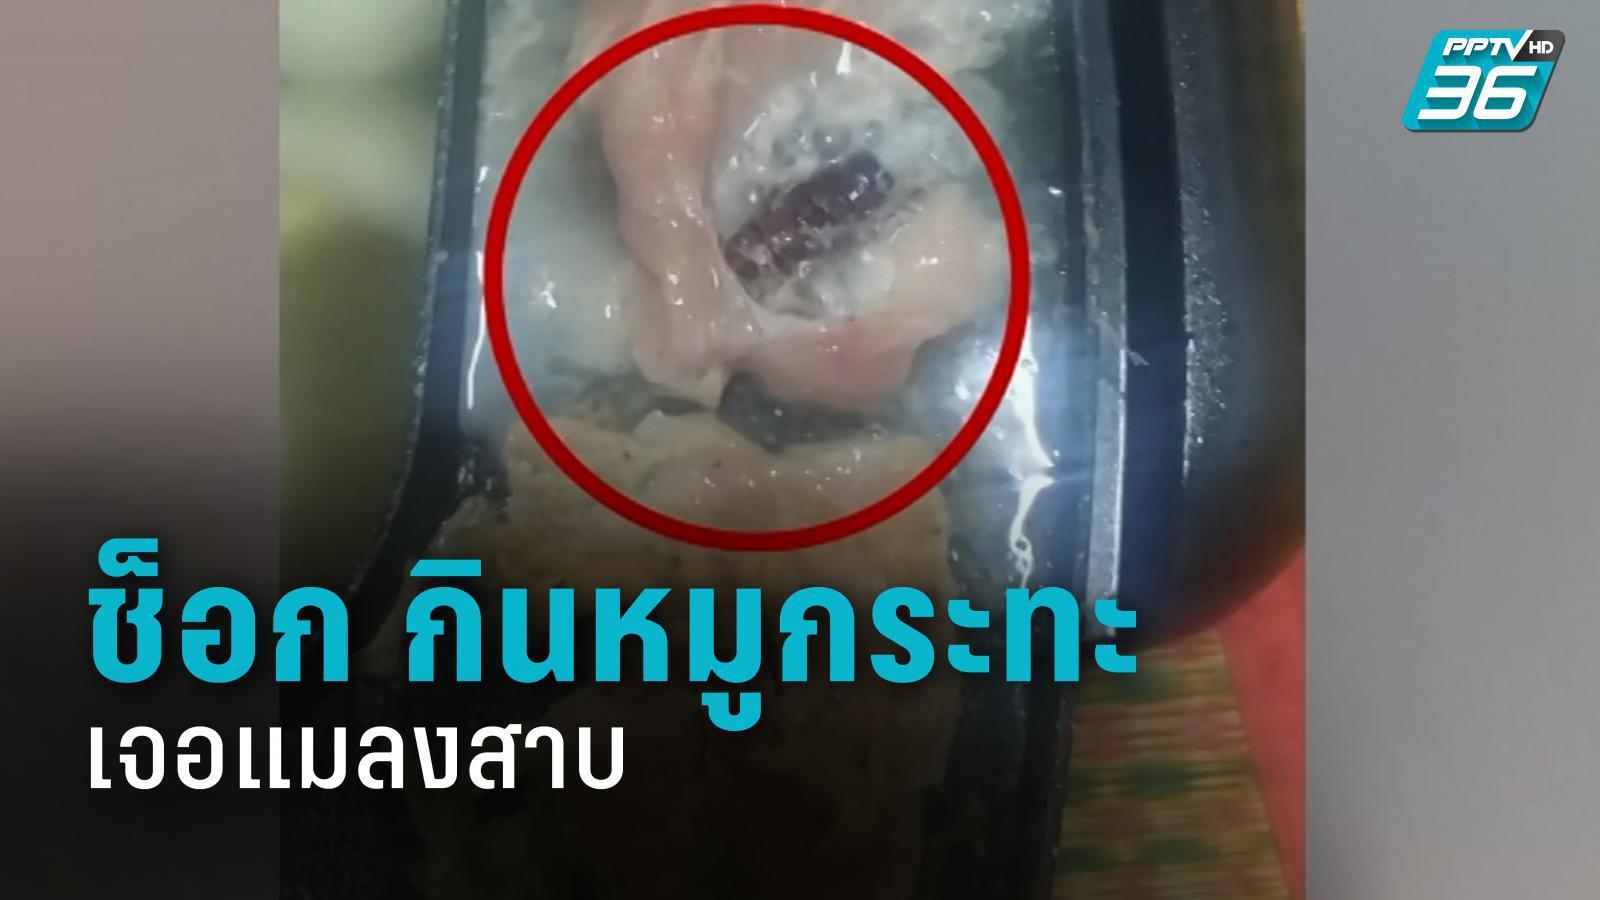 สาวช็อก กินหมูกระทะเจอแมลงสาบปนมากับหมูหมัก